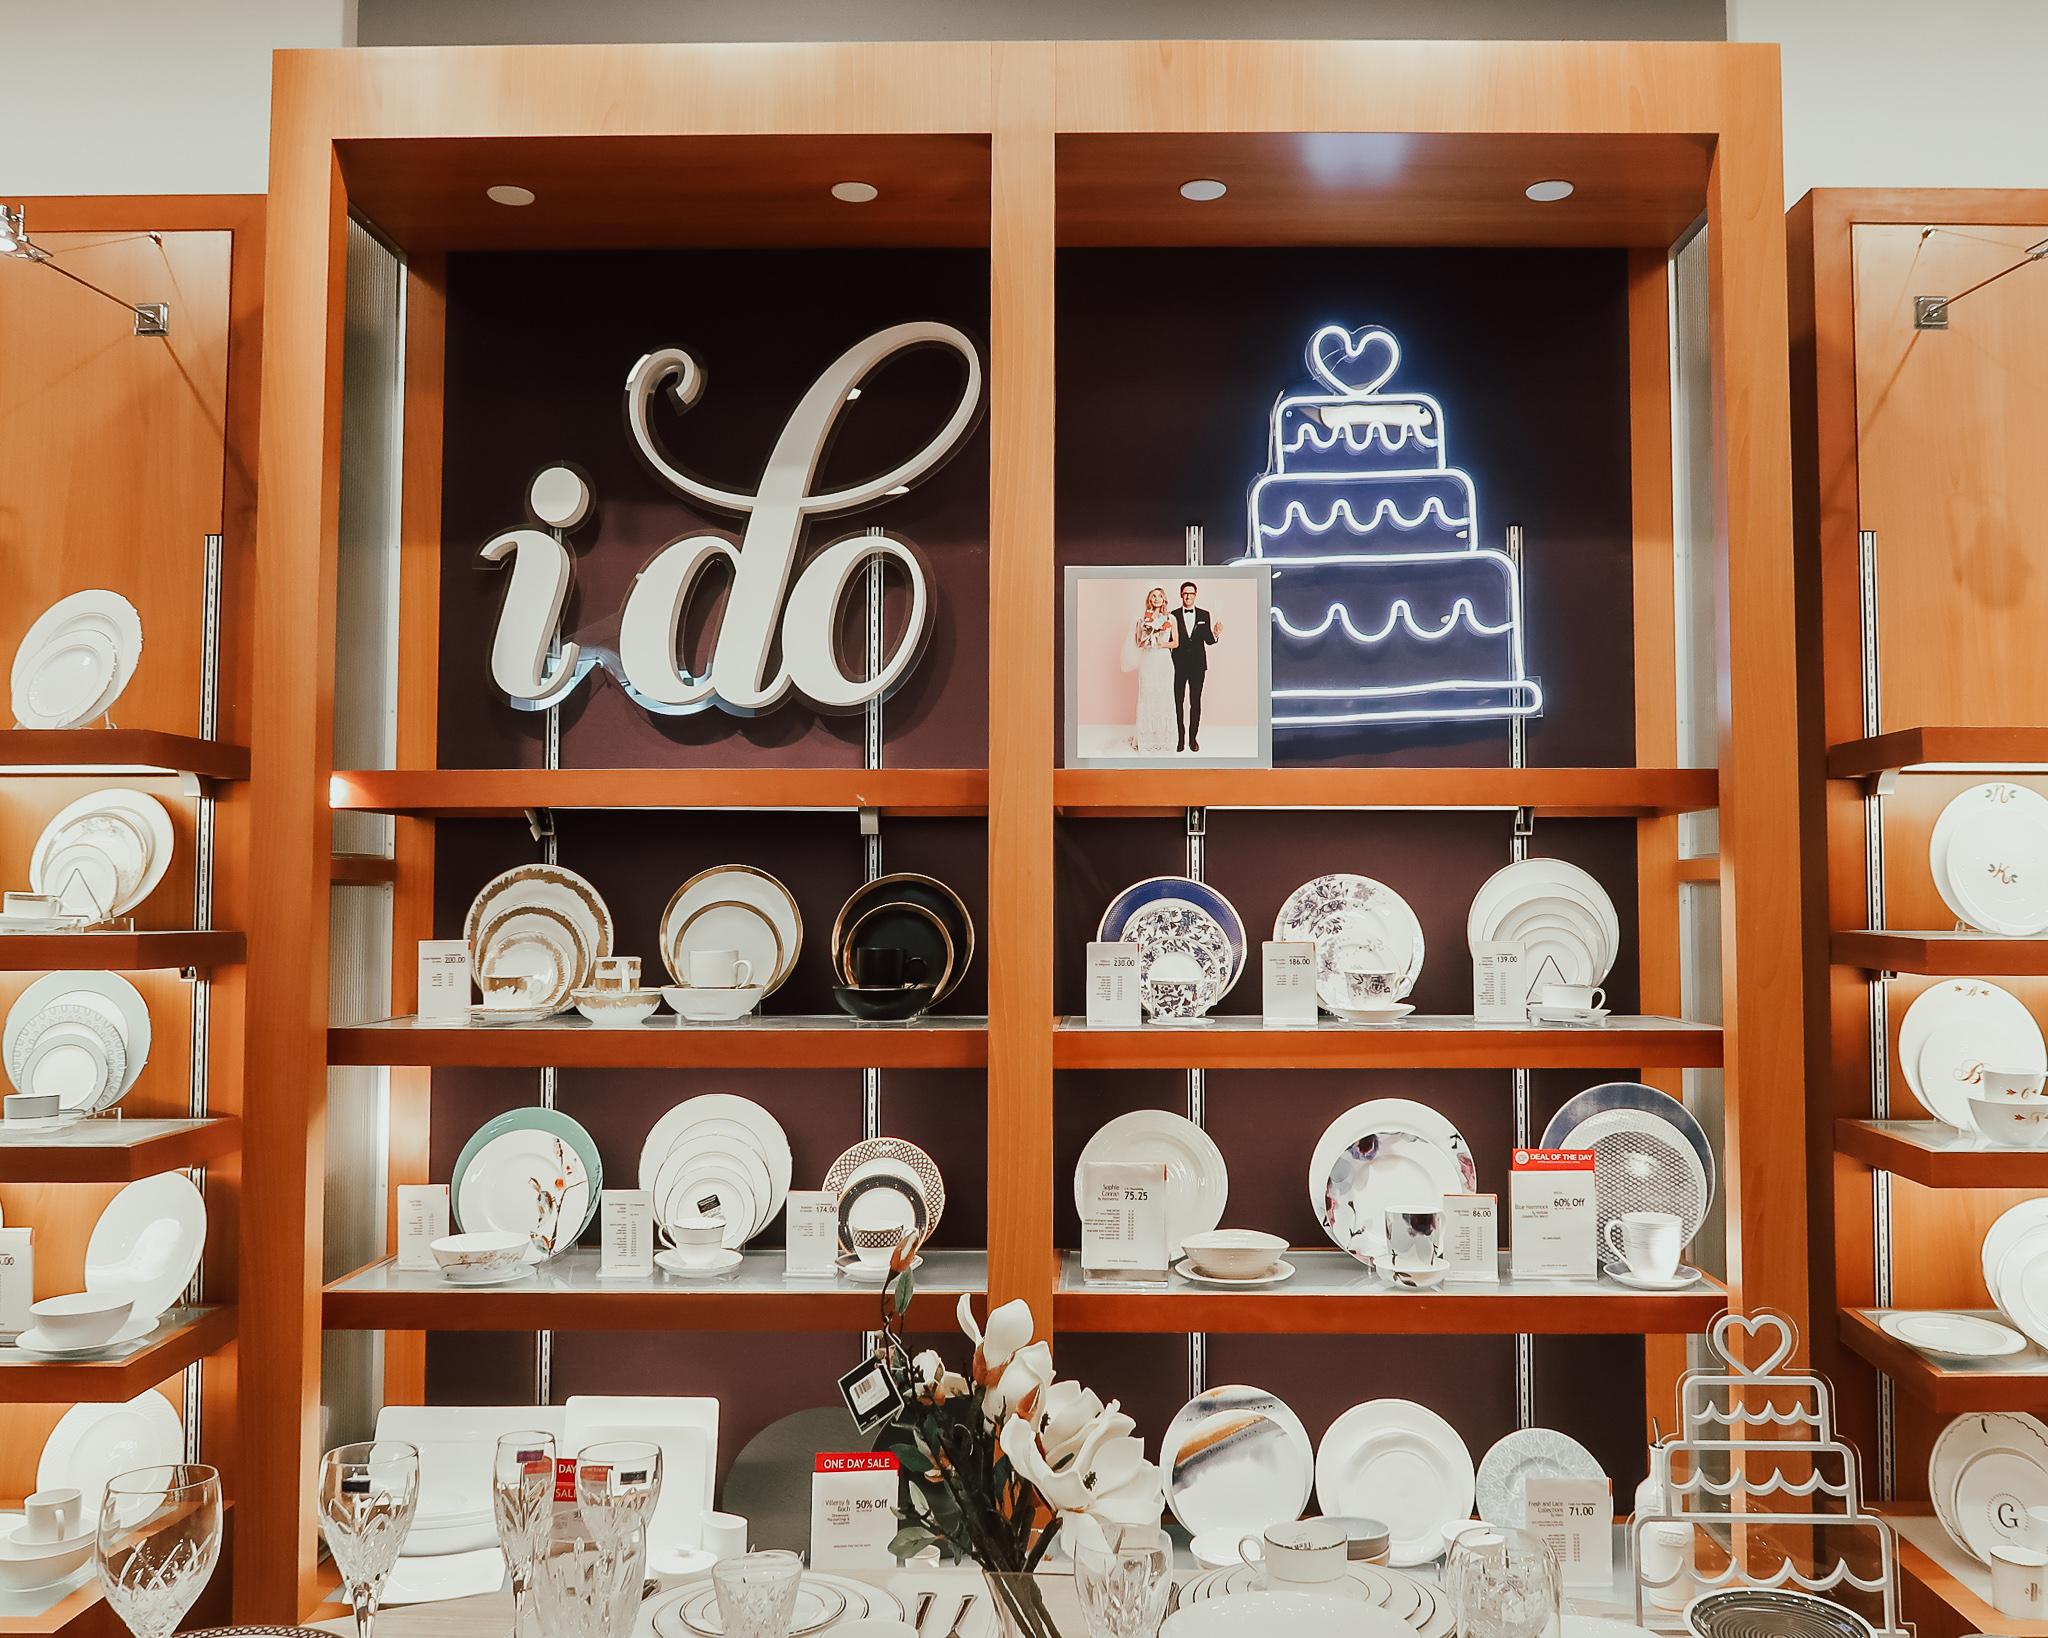 10-tips-for-creating-the-best-wedding-registry-2.jpg